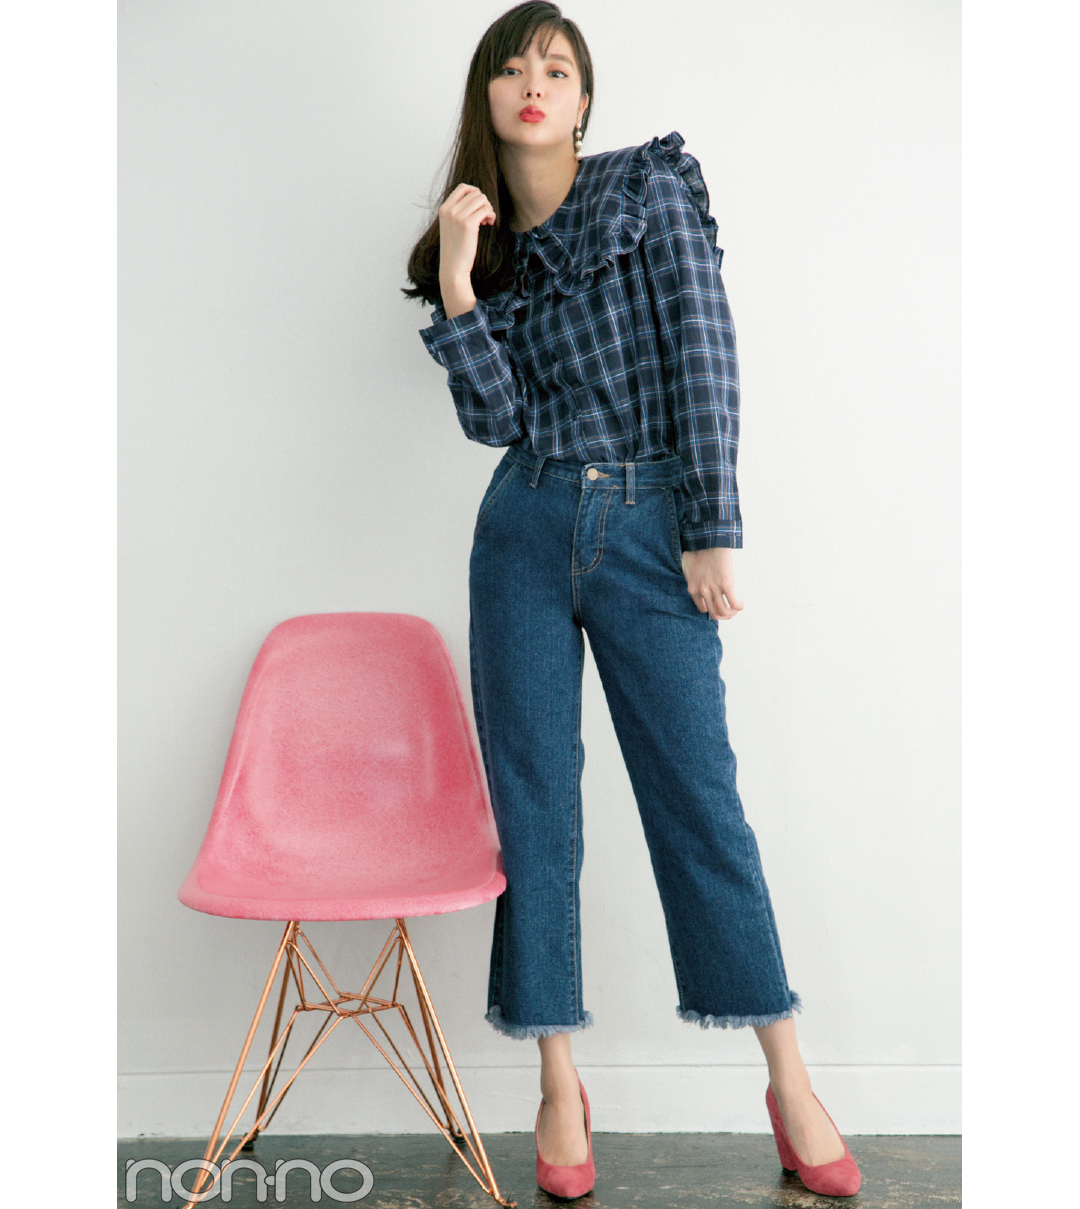 日本でも大人気の韓国スキニーデニム♡ chuuの-5㎏ jeansはコレ!_1_2-3